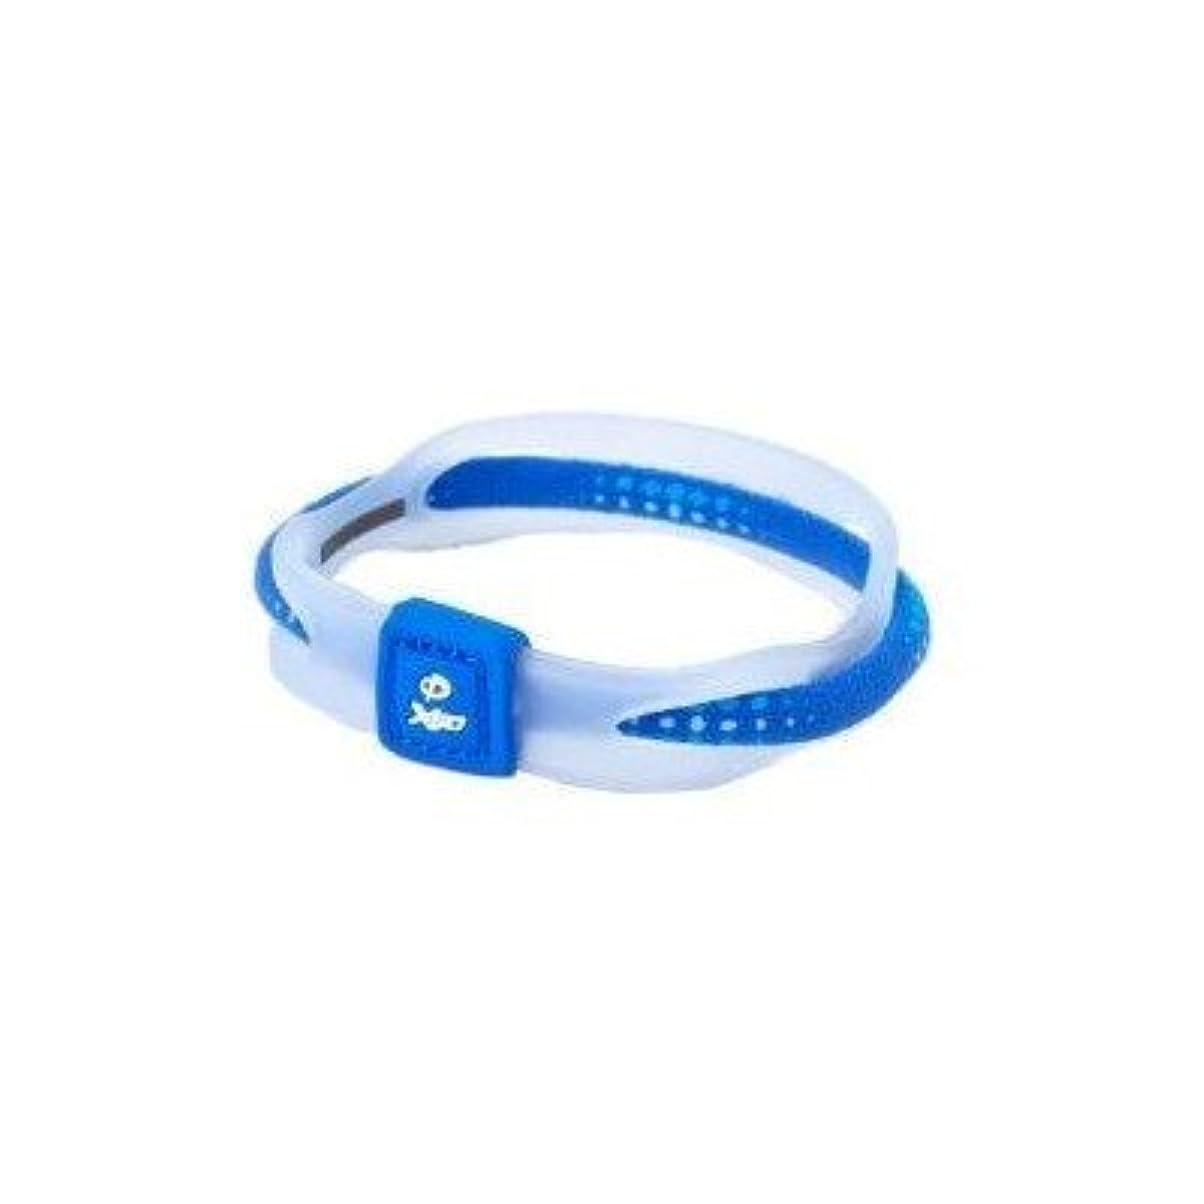 衝撃珍味目覚めるPhiten(ファイテン) RAKUWA ブレス X50 ブルー 17CM TG497225[通販用梱包品]